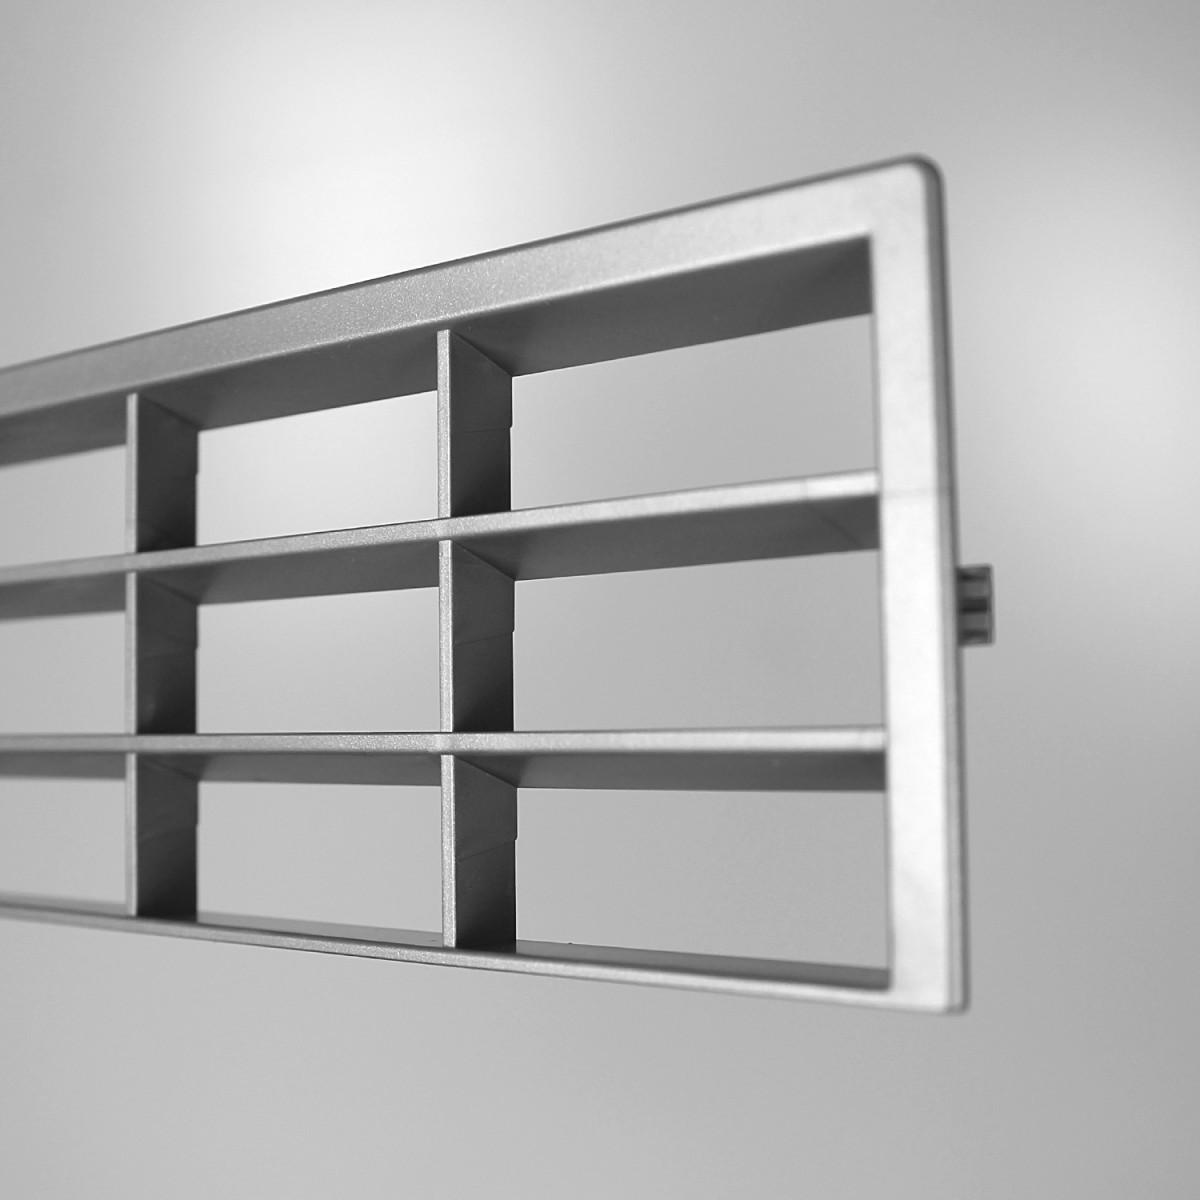 3 x bf bel ftungsgitter 806203 ps grau met uni 38 x 7 5 cm kunststoff k che sockelblende. Black Bedroom Furniture Sets. Home Design Ideas